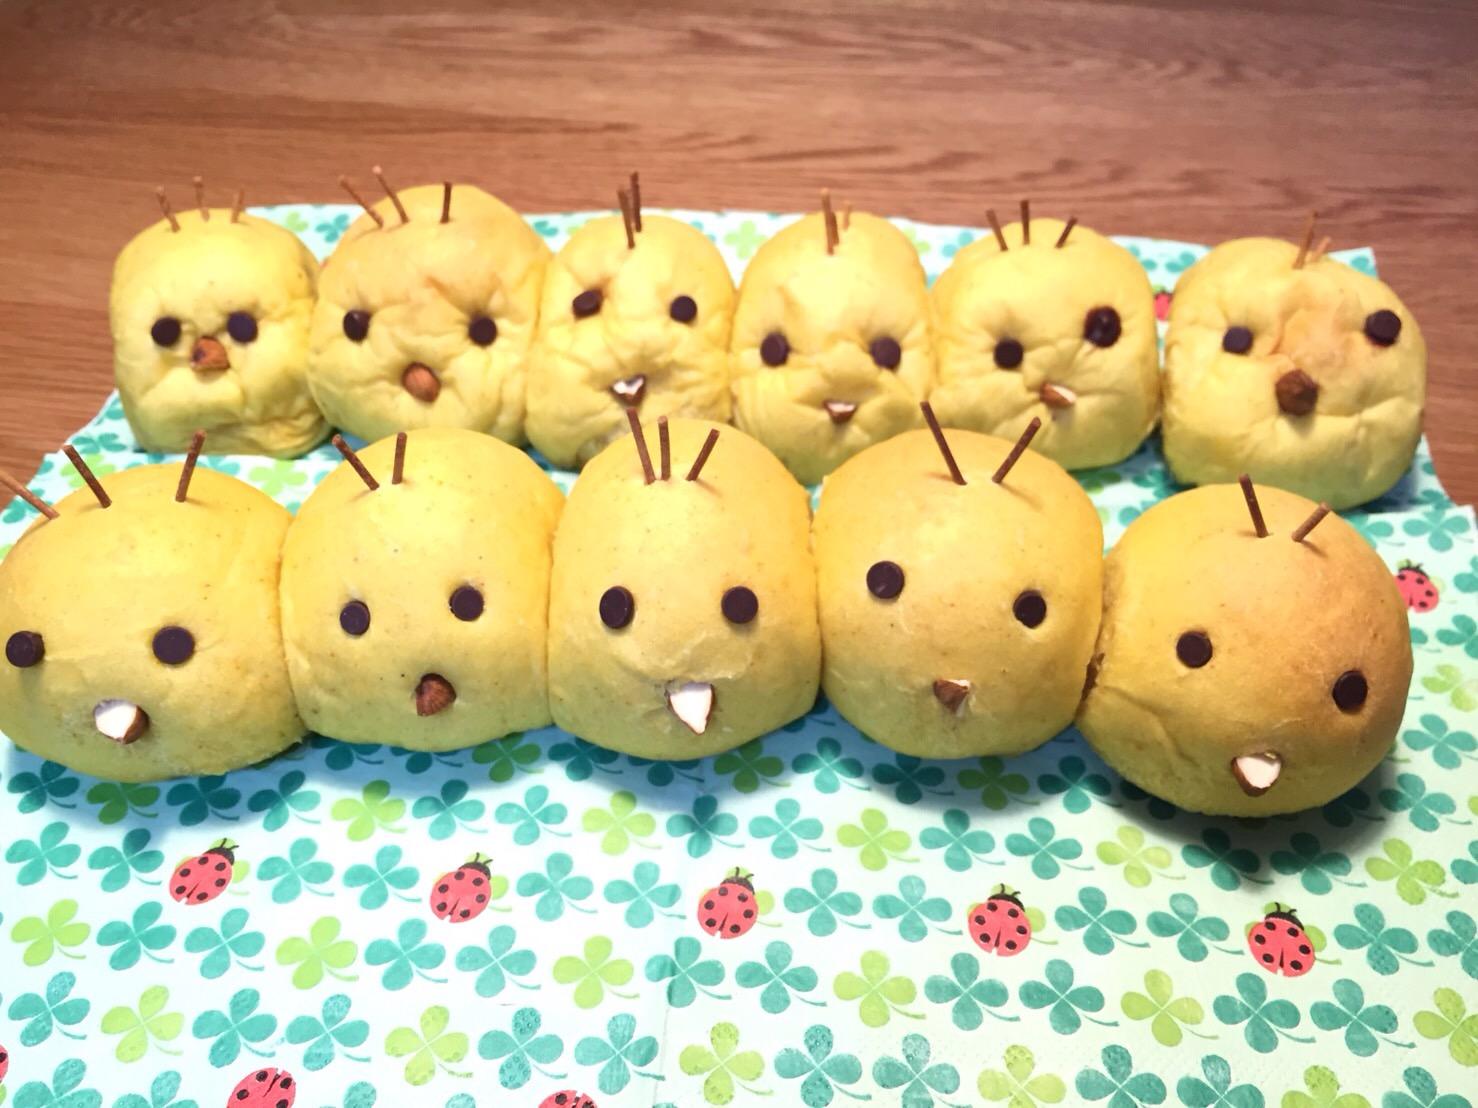 a-ta-sante糖質制限パン料理教室。西田辺。会館でのレッスン『ひよこのちぎりパン&ラレーピザ』